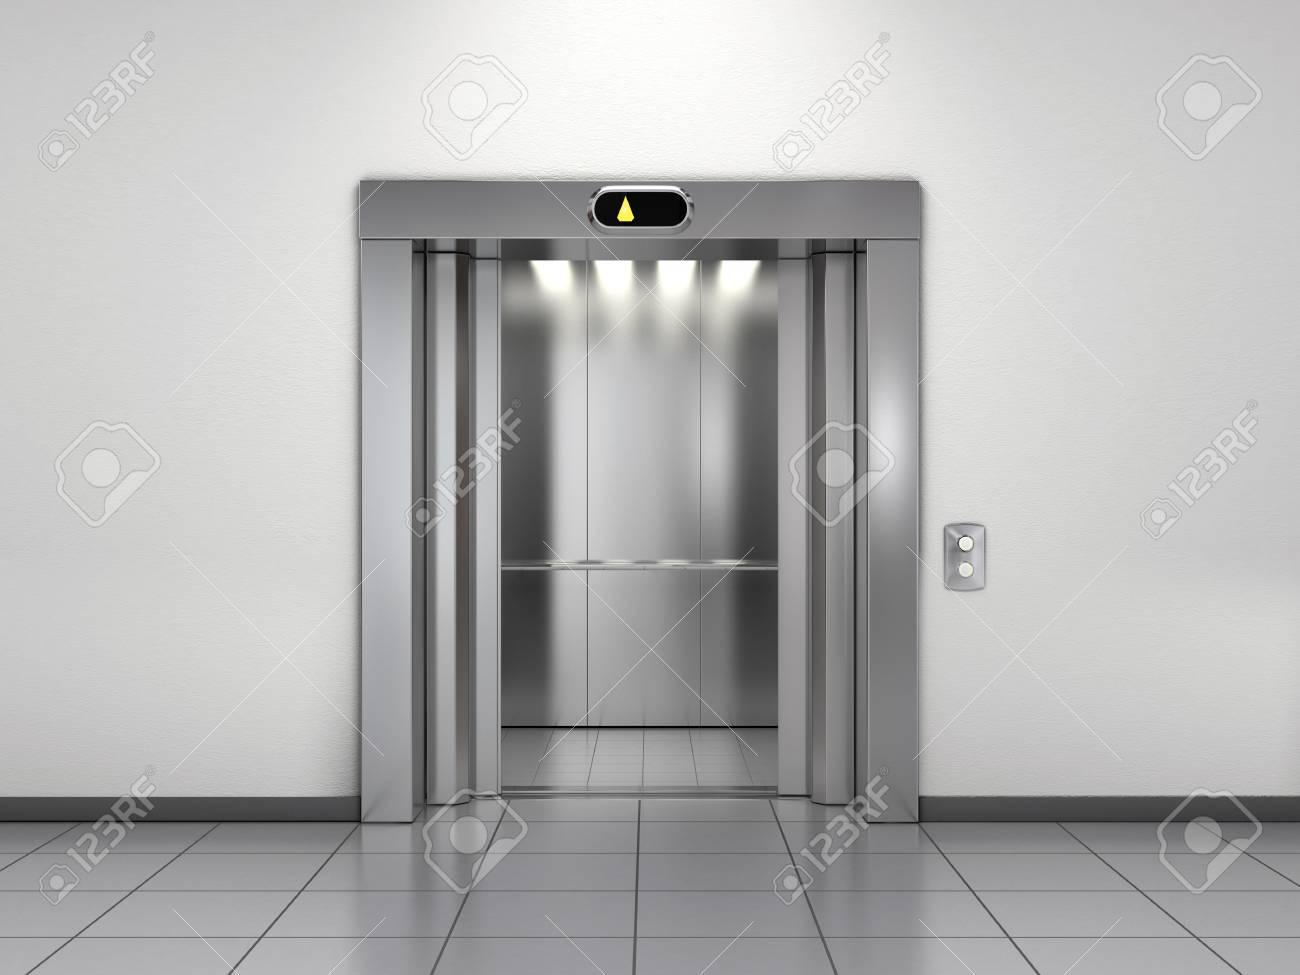 Modern elevator with open doors - 125873133